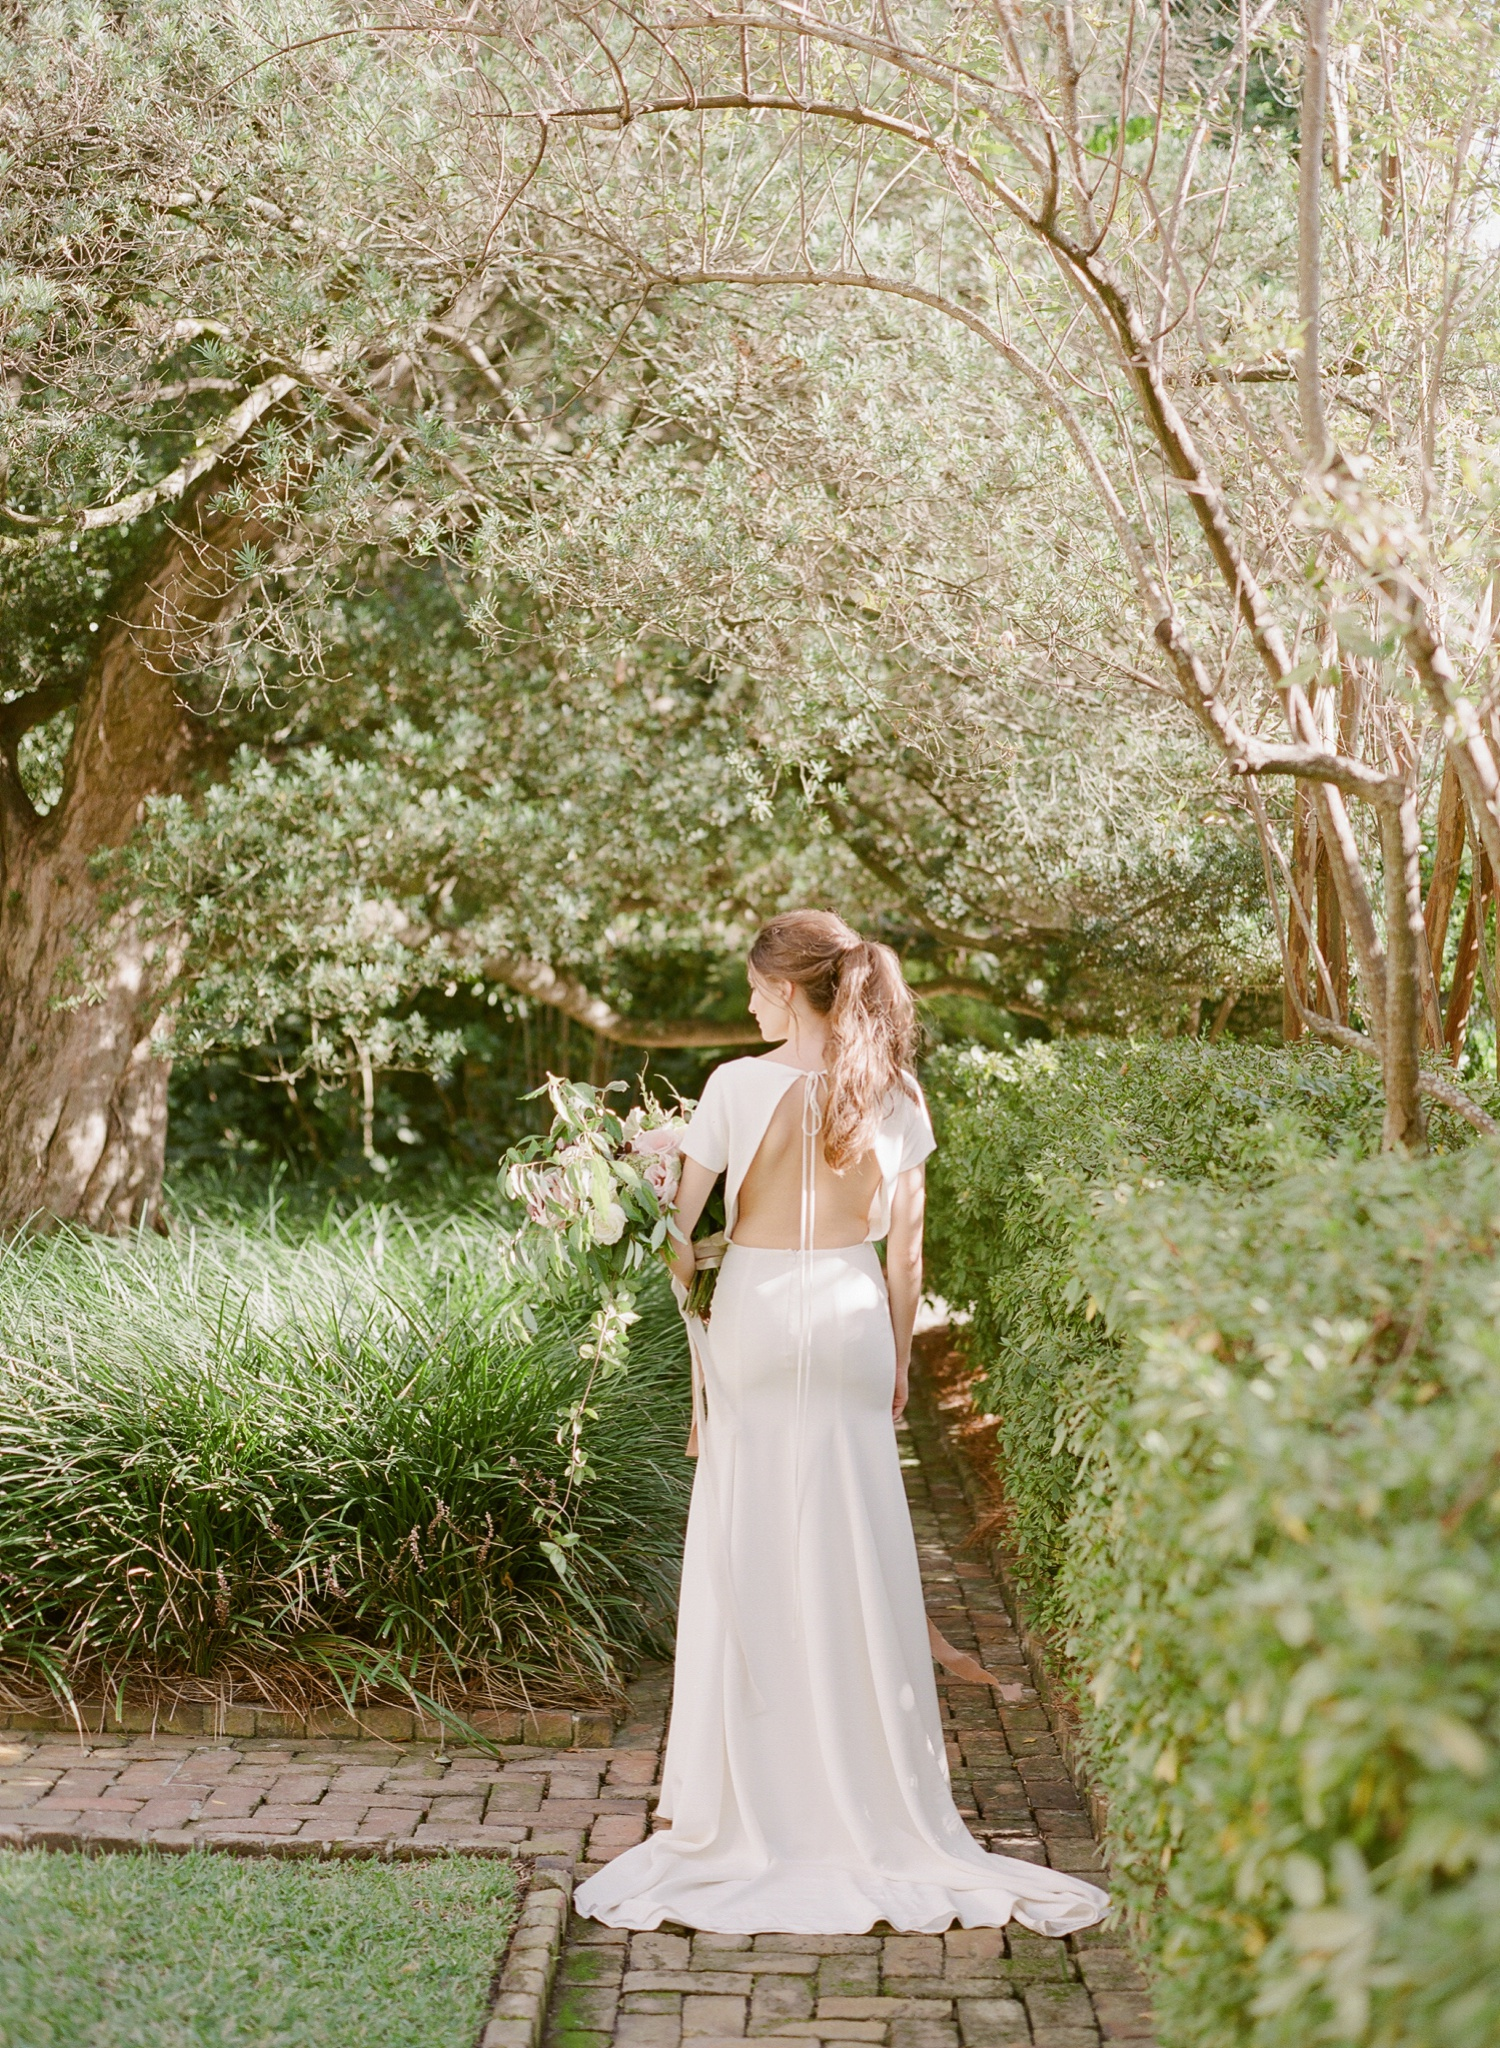 Charleston-Wedding-Venue-William-Aiken_0019.jpg